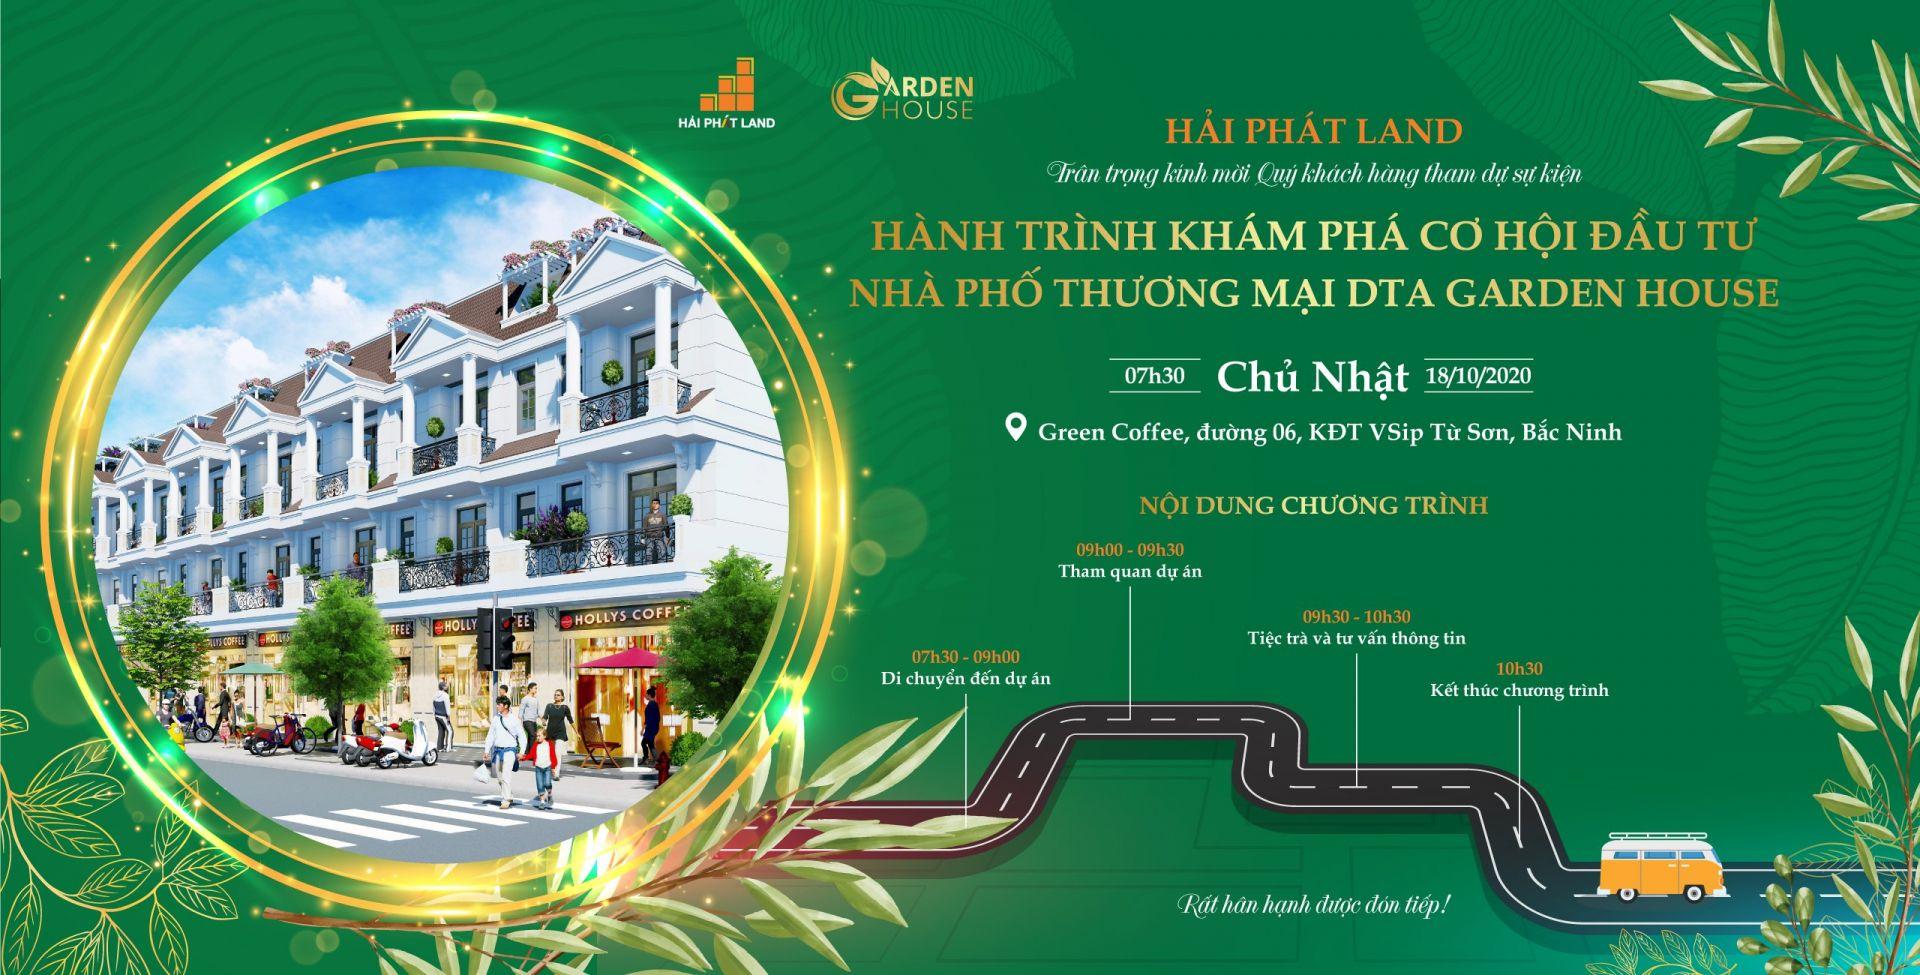 Hành trình khám phá cơ hội đầu tư nhà phố thương mại DTA Garden House